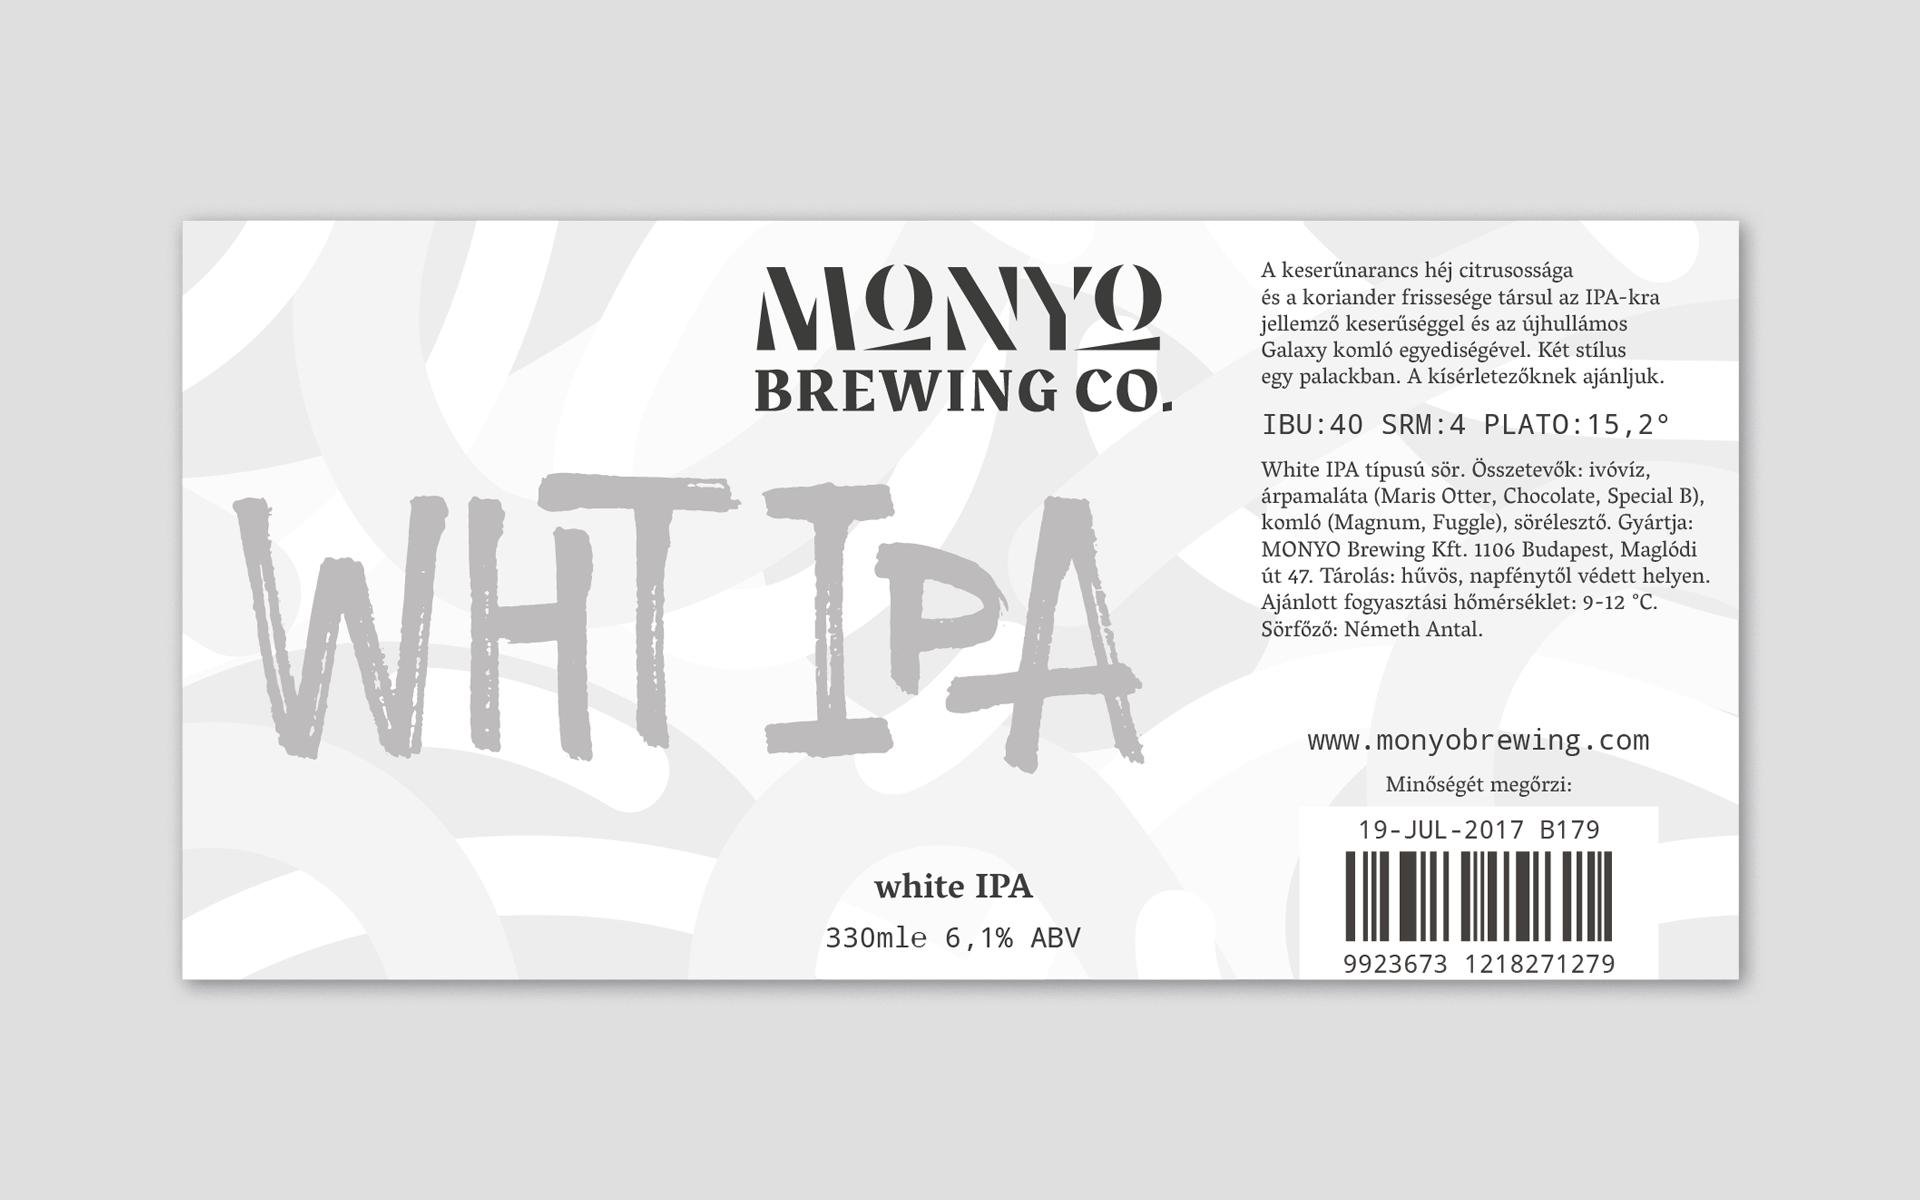 MONYO craft beer packaging \ White IPA label design